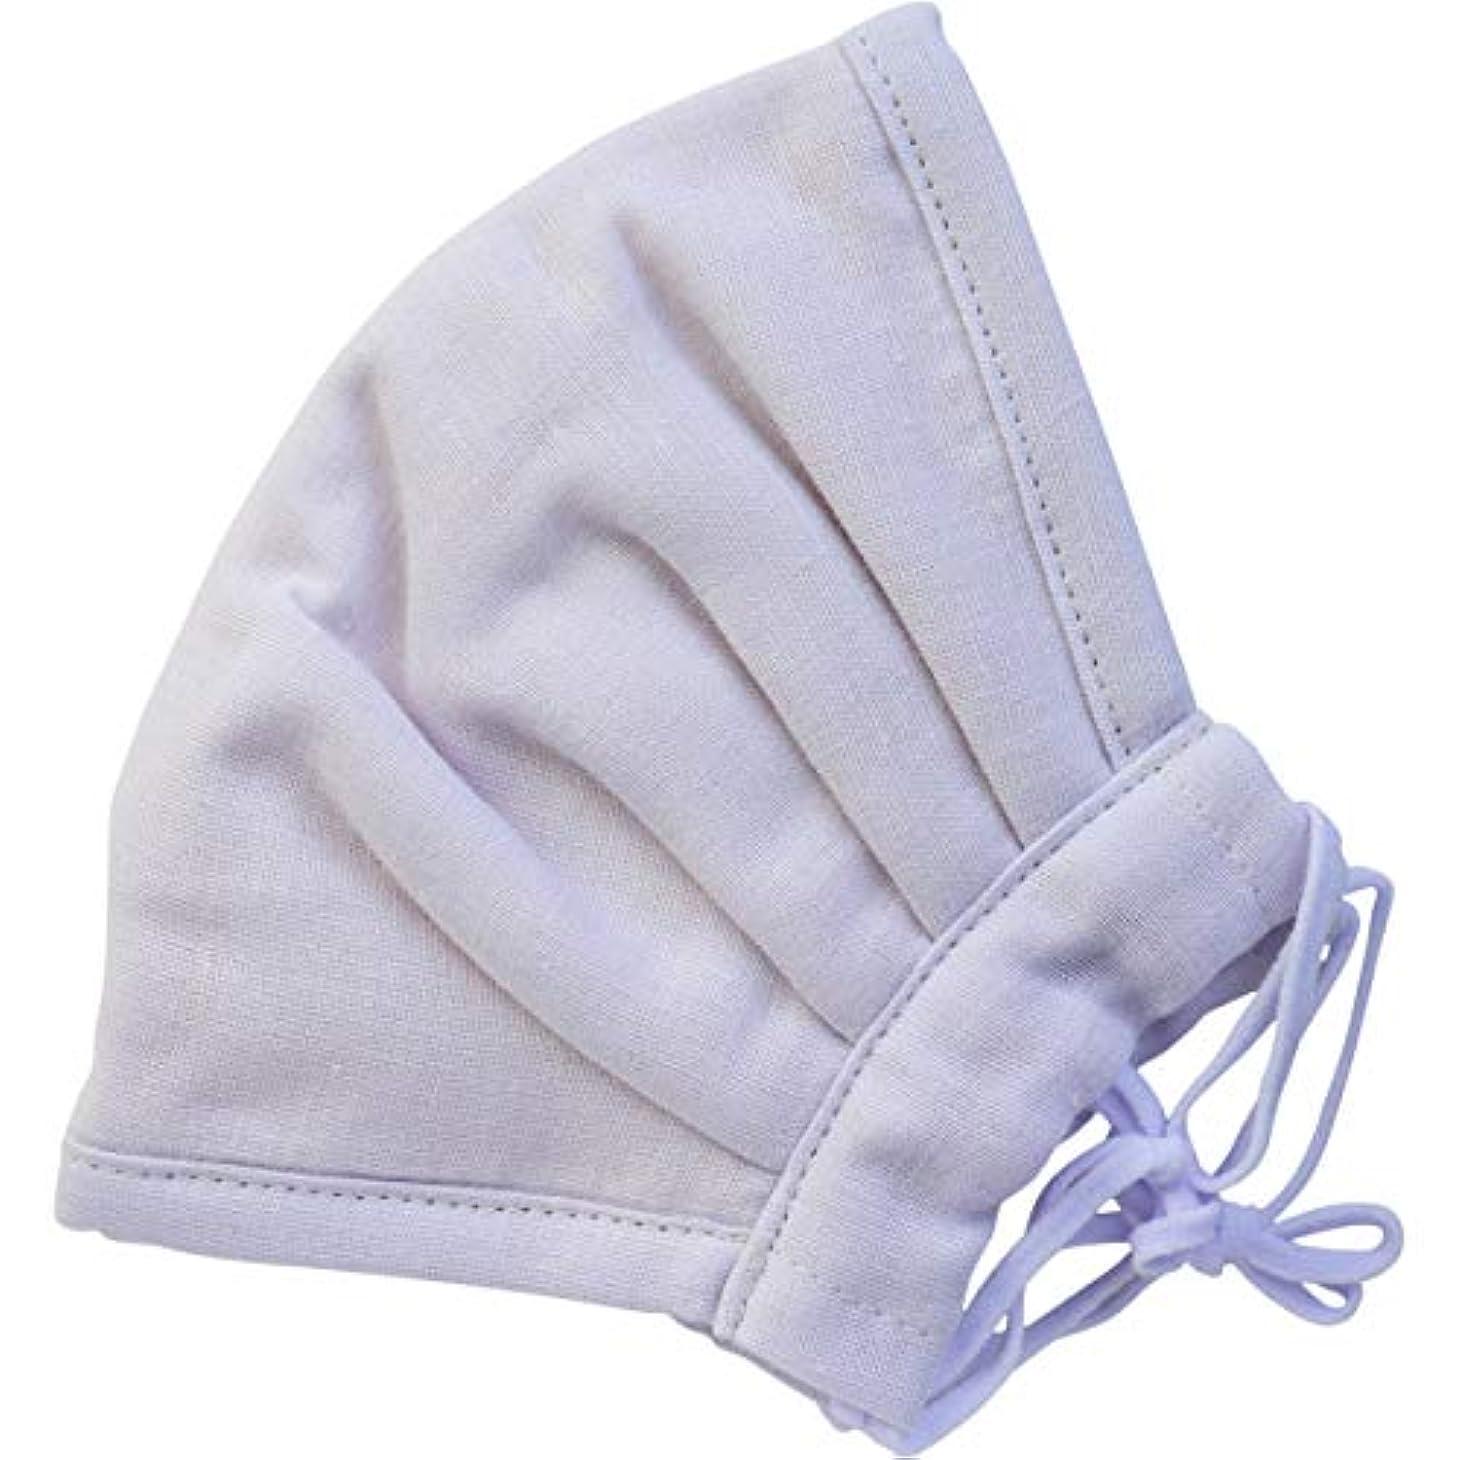 カカドゥピンポイント羊ふわふわマスク 今治産タオル 超敏感肌用 パープル ゆったり大きめサイズ 1枚入×10個セット